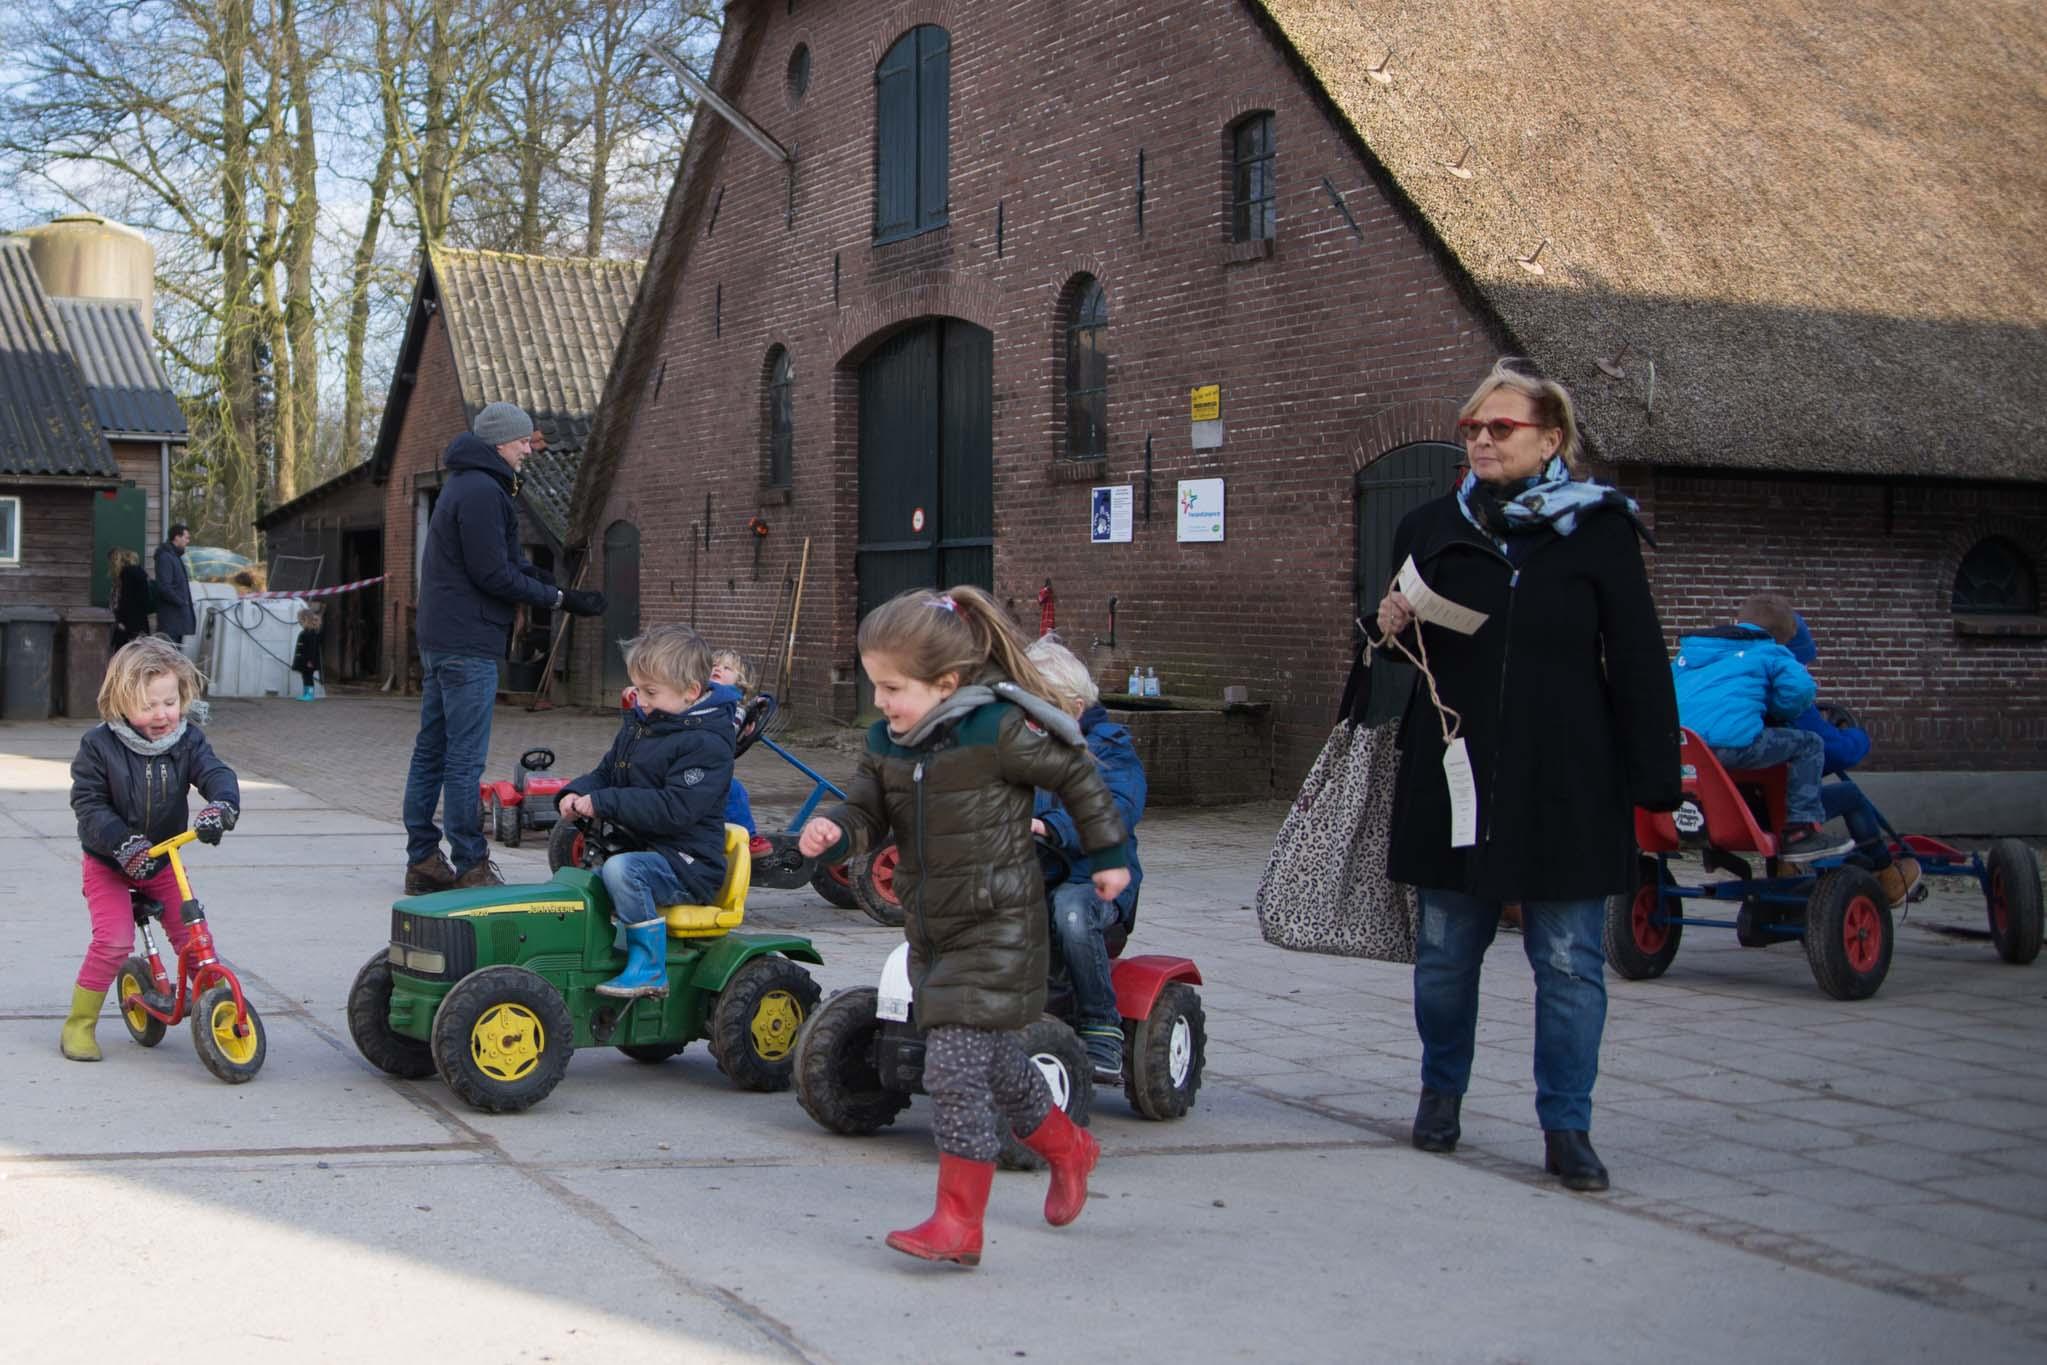 boerderij De Zonnewijzer Open dag buiten spelen